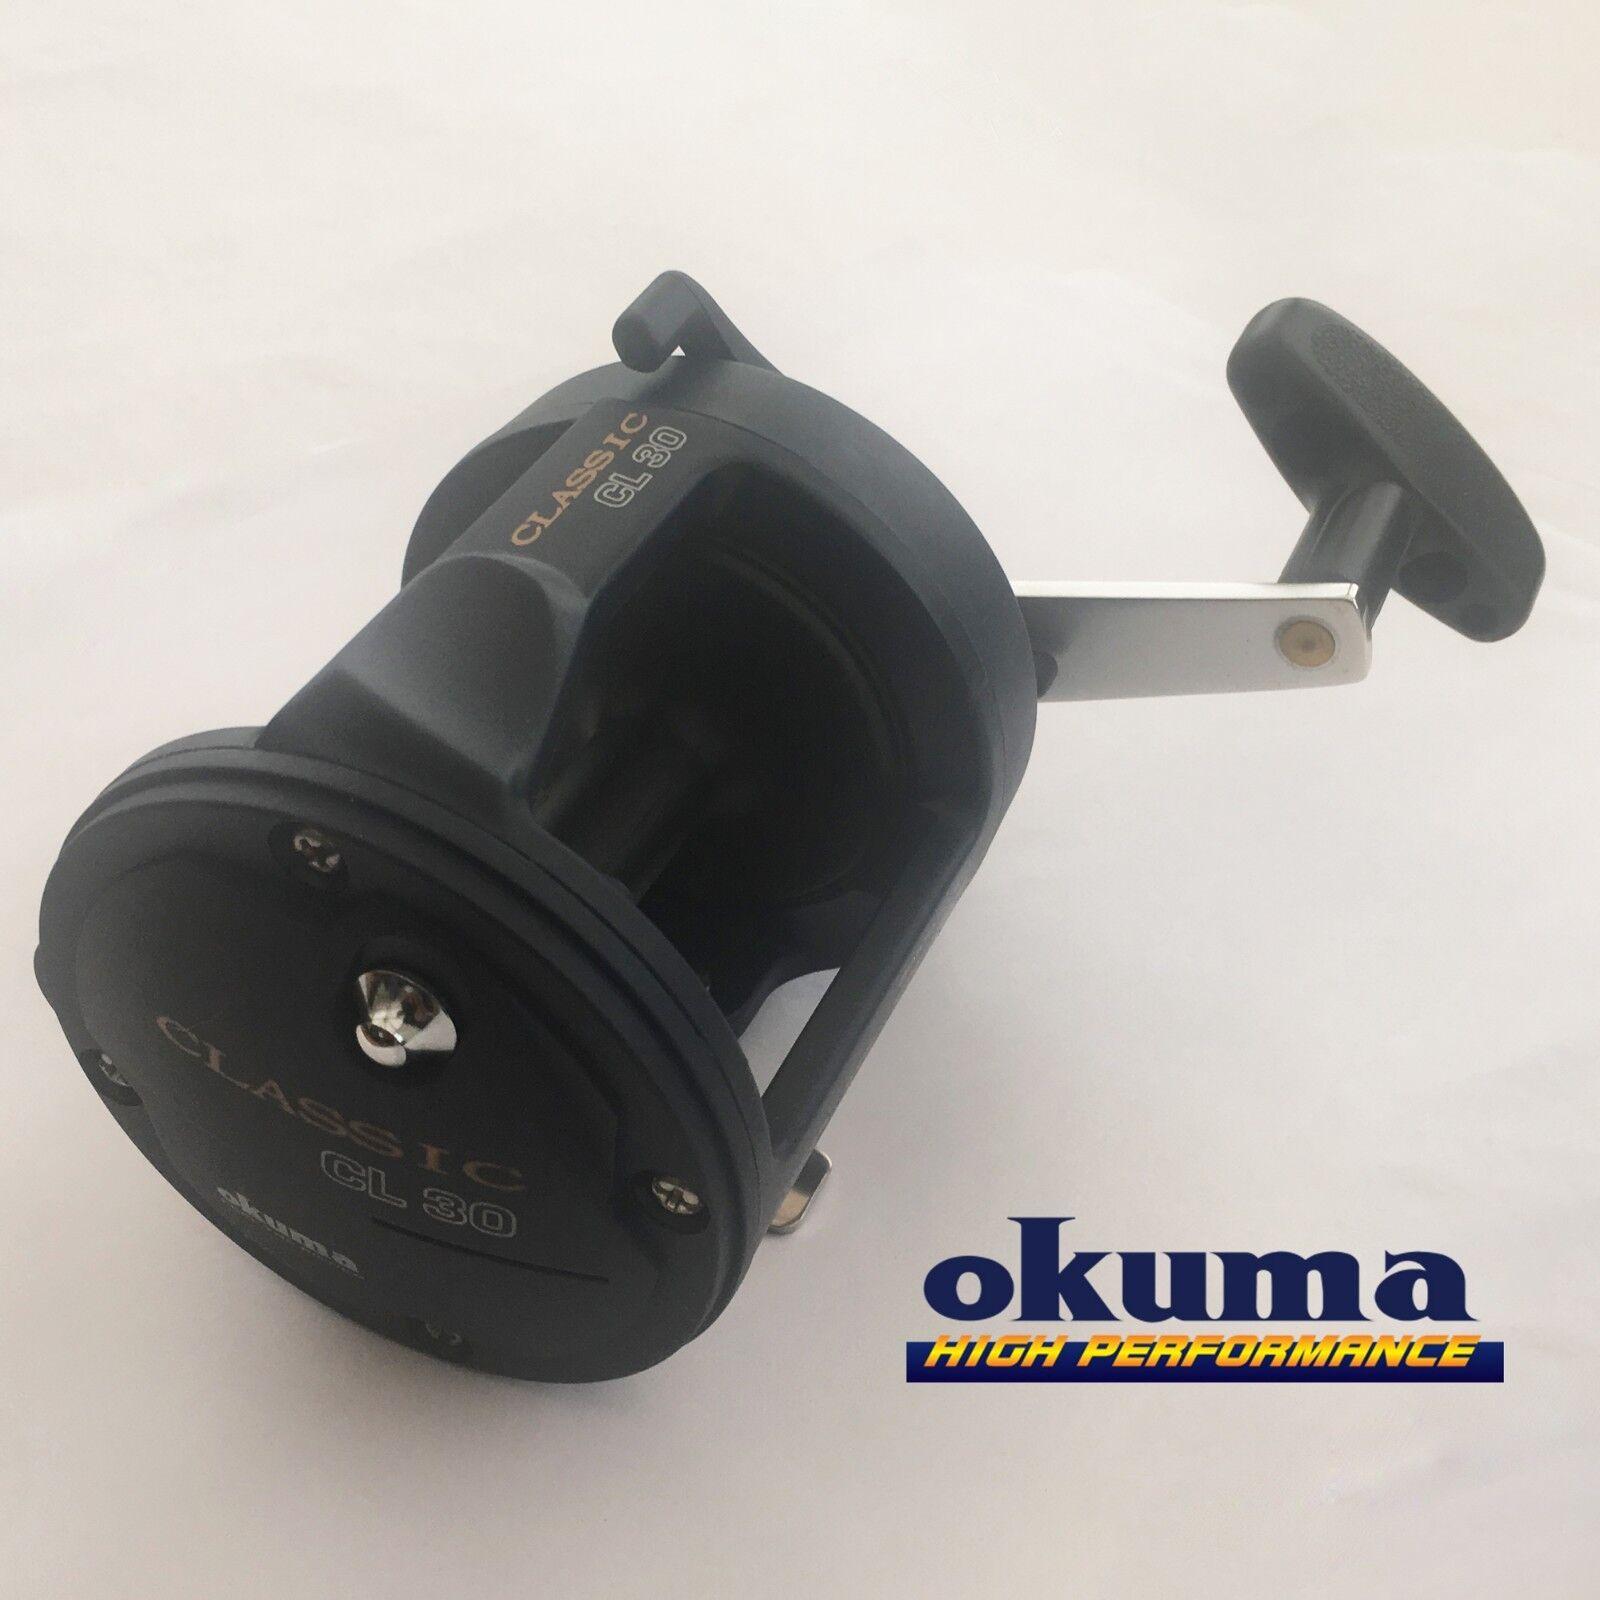 OKUMA Classic CL 30/CL 300 Pesca in Mare Moltiplicatore 9.07 340yds di rapporto di trasmissione 20 LB (ca. 9.07 Moltiplicatore kg) 4:1 982e78